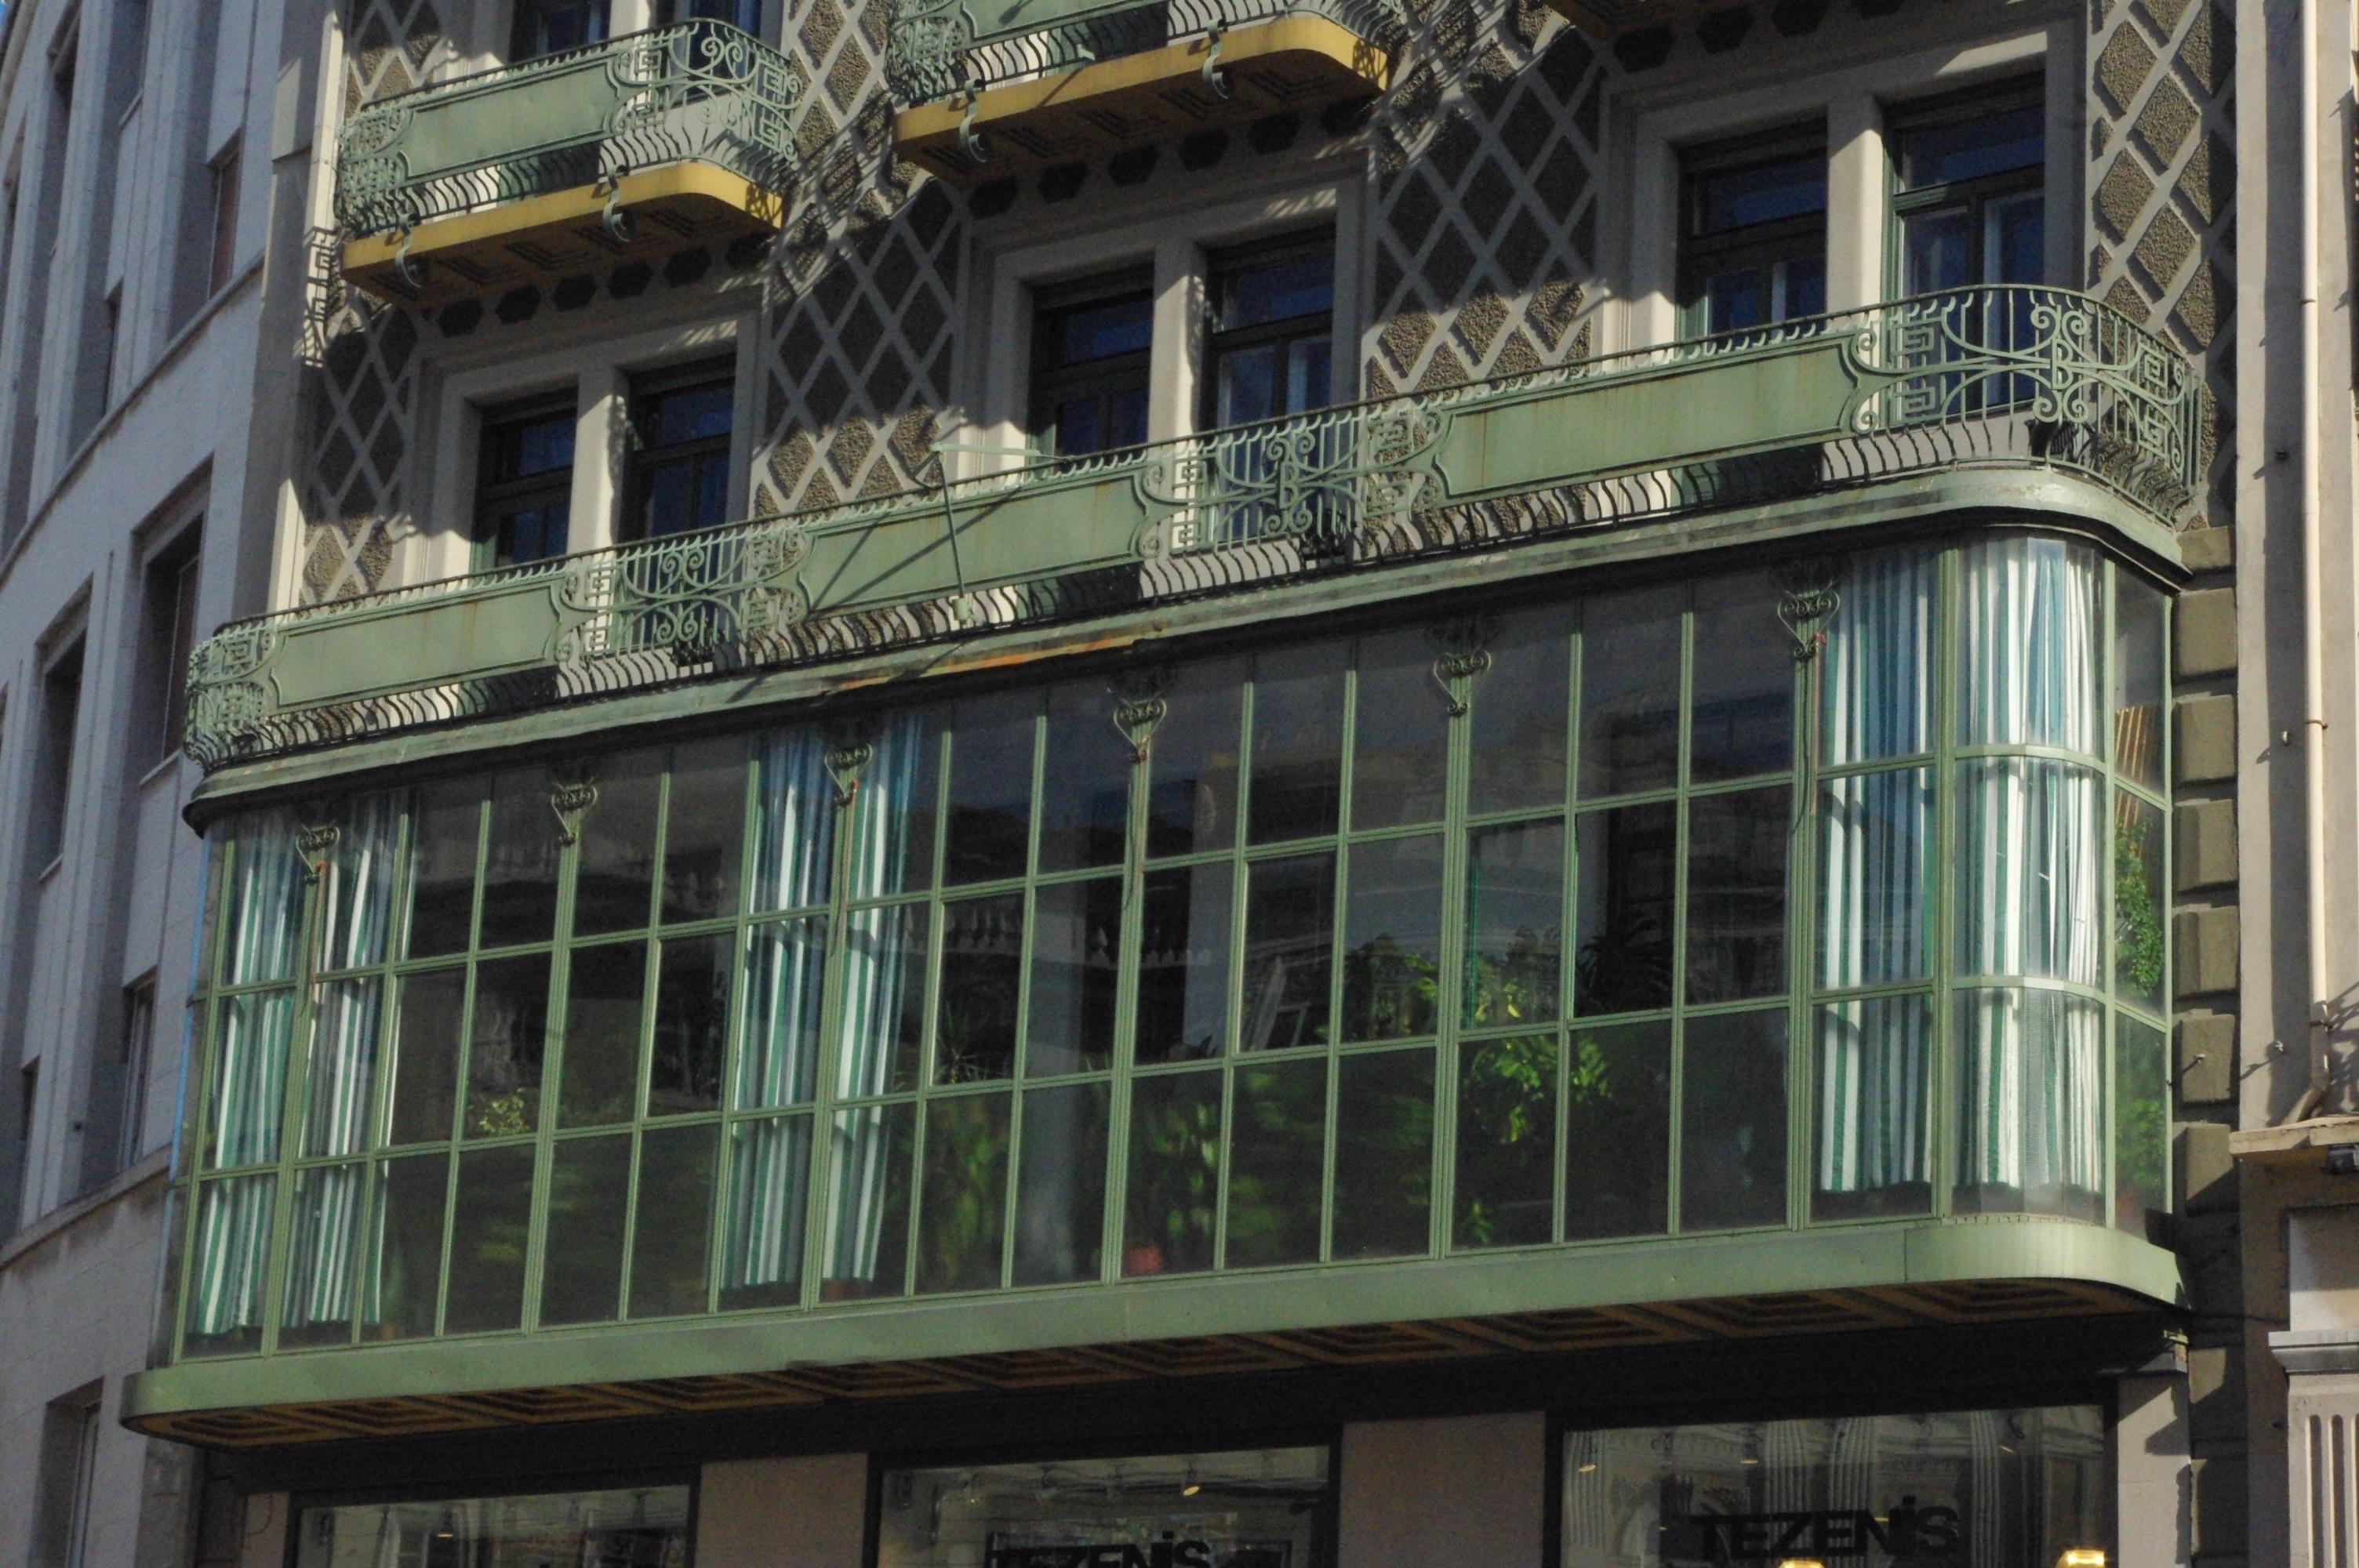 Scoprendo trieste casa bartoli for Balcone chiuso da vetrate